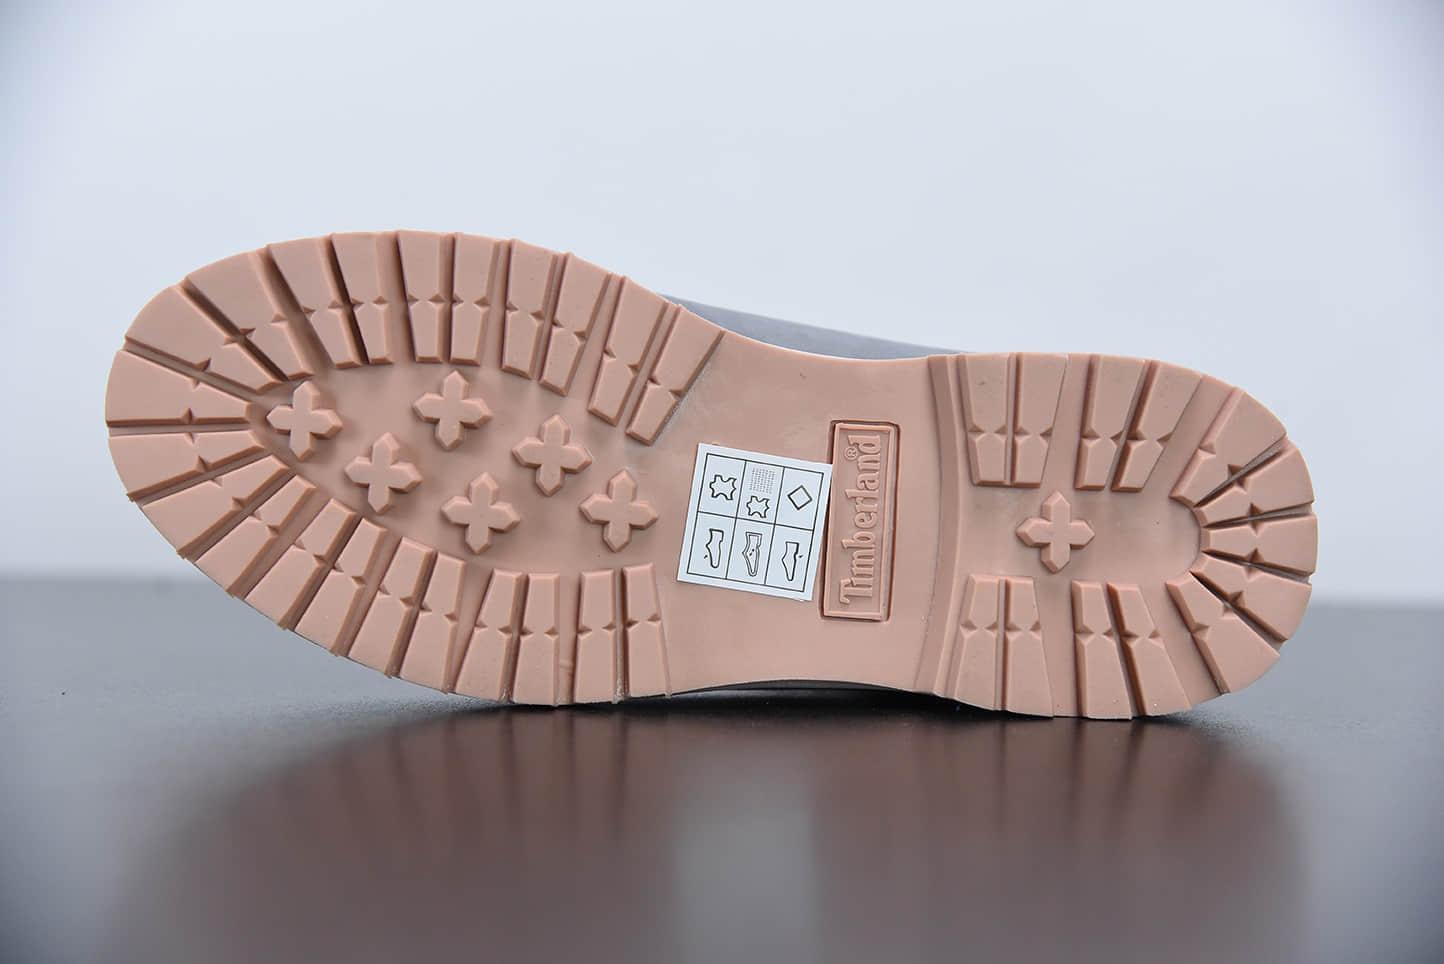 添柏岚Timberland灰蓝色六孔情人节限定爱心系列工装鞋纯原版本